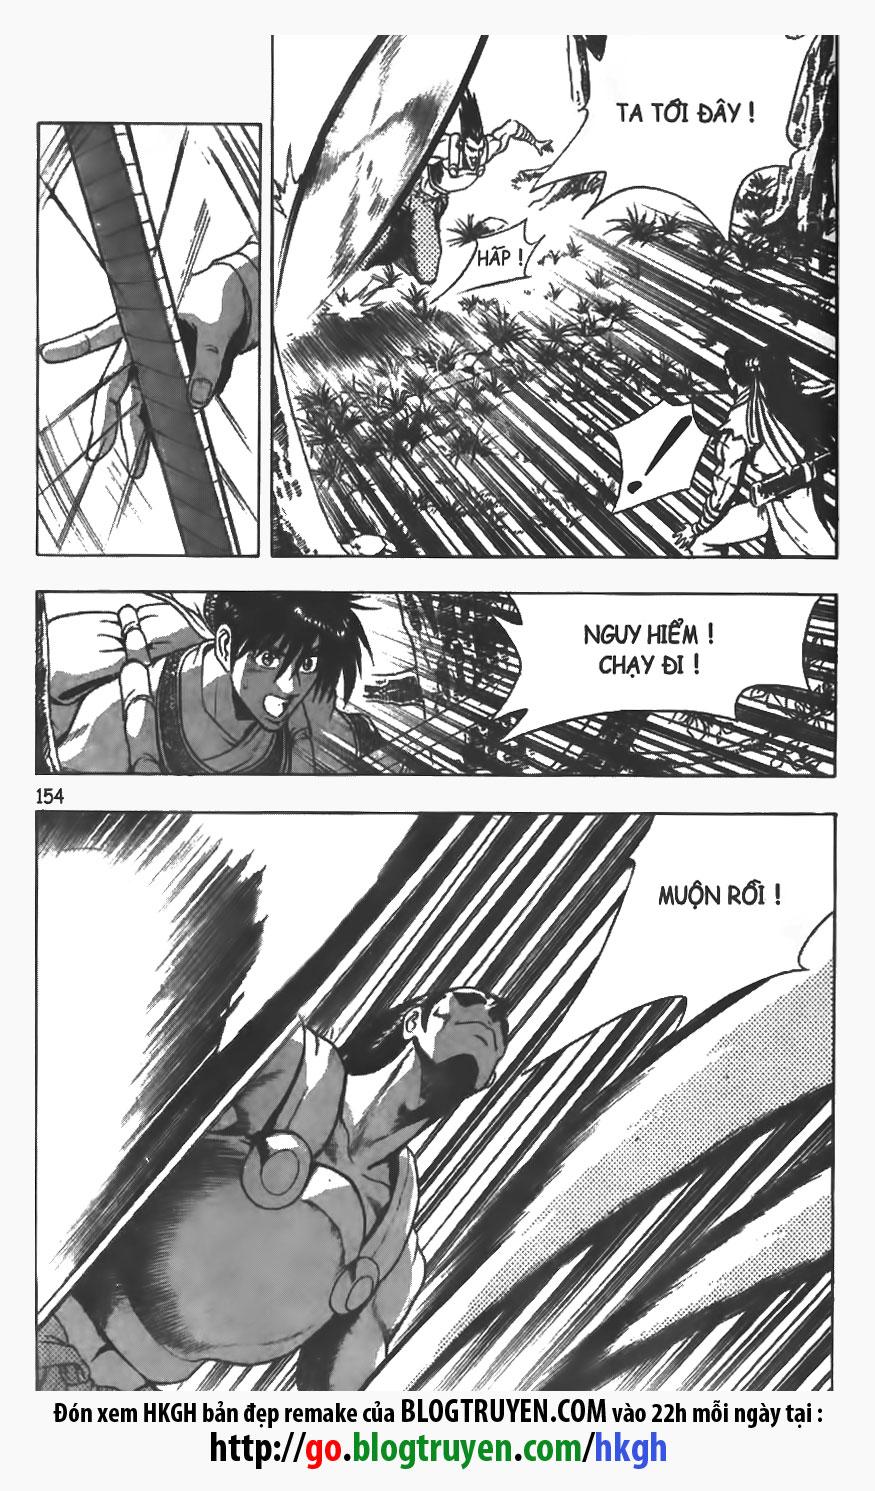 xem truyen moi - Hiệp Khách Giang Hồ Vol13 - Chap 088 - Remake